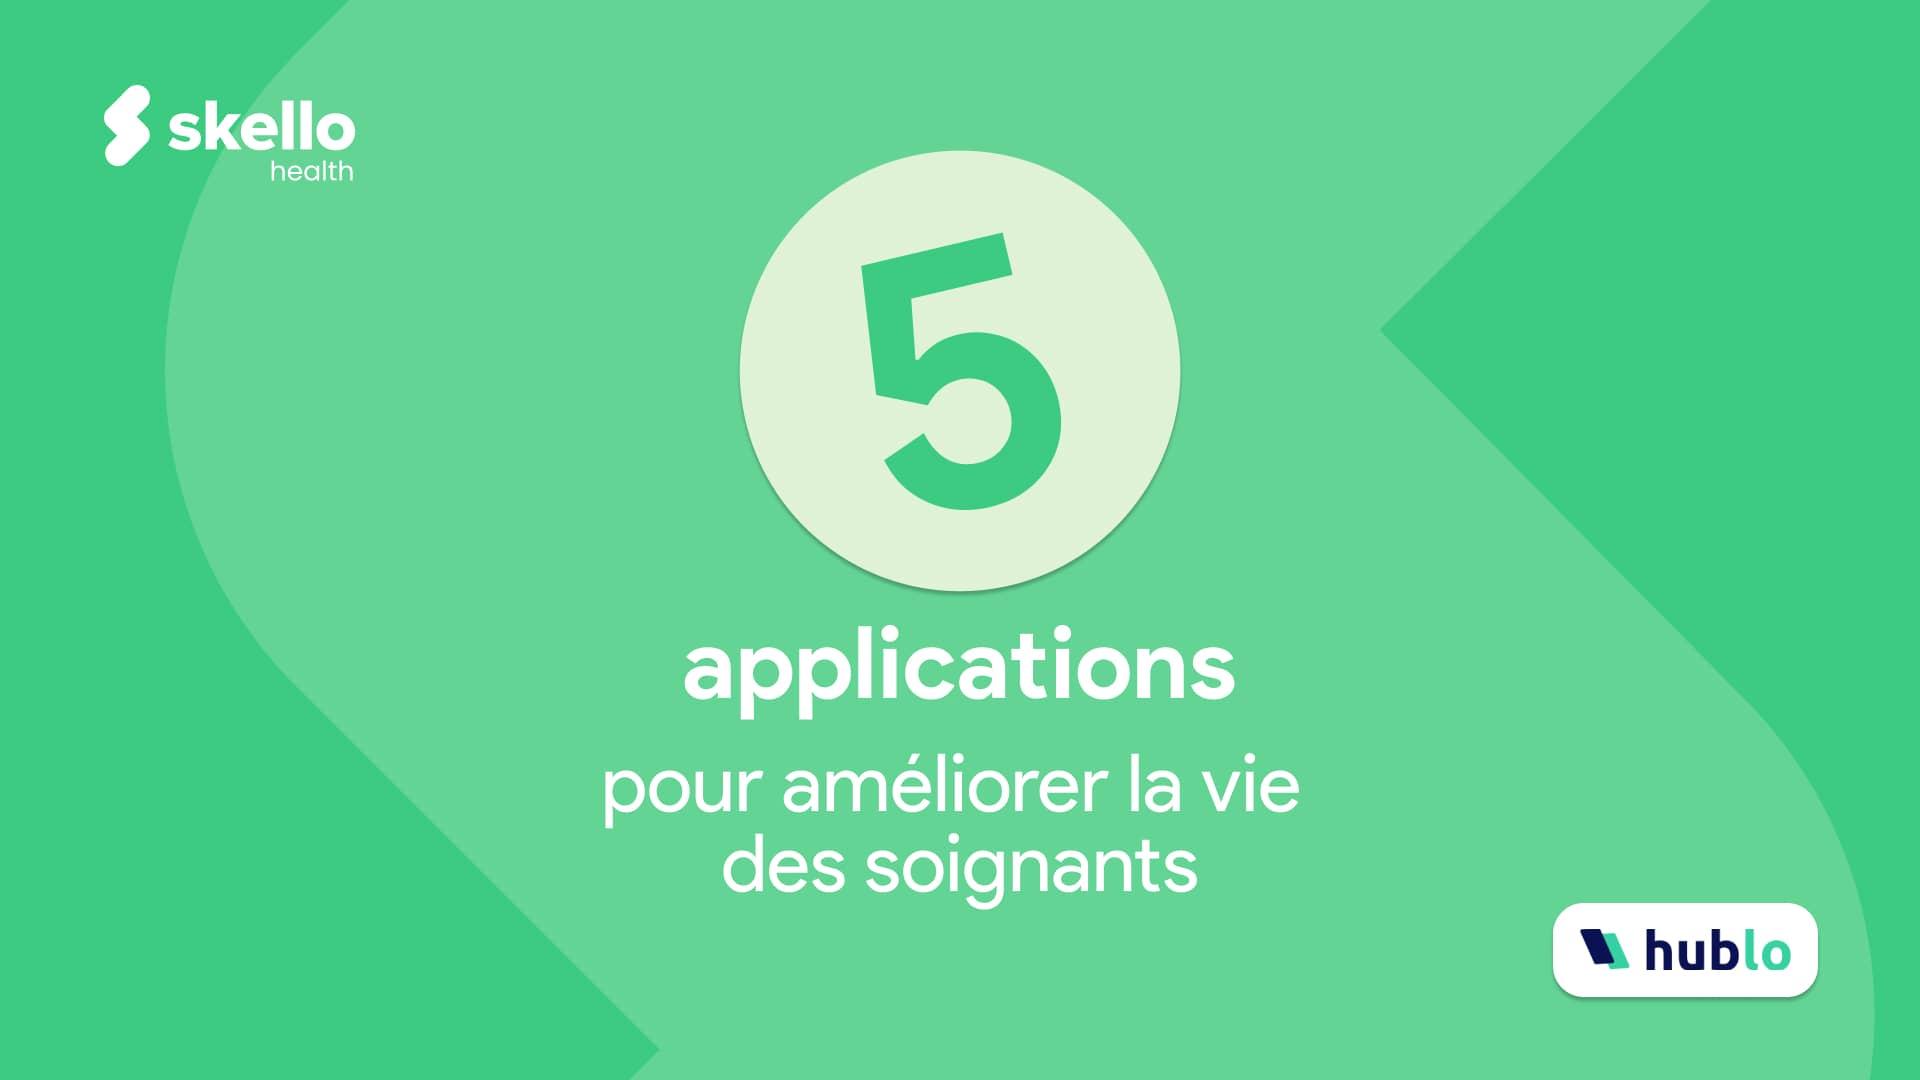 5 applications pour améliorer la vie des soignants.